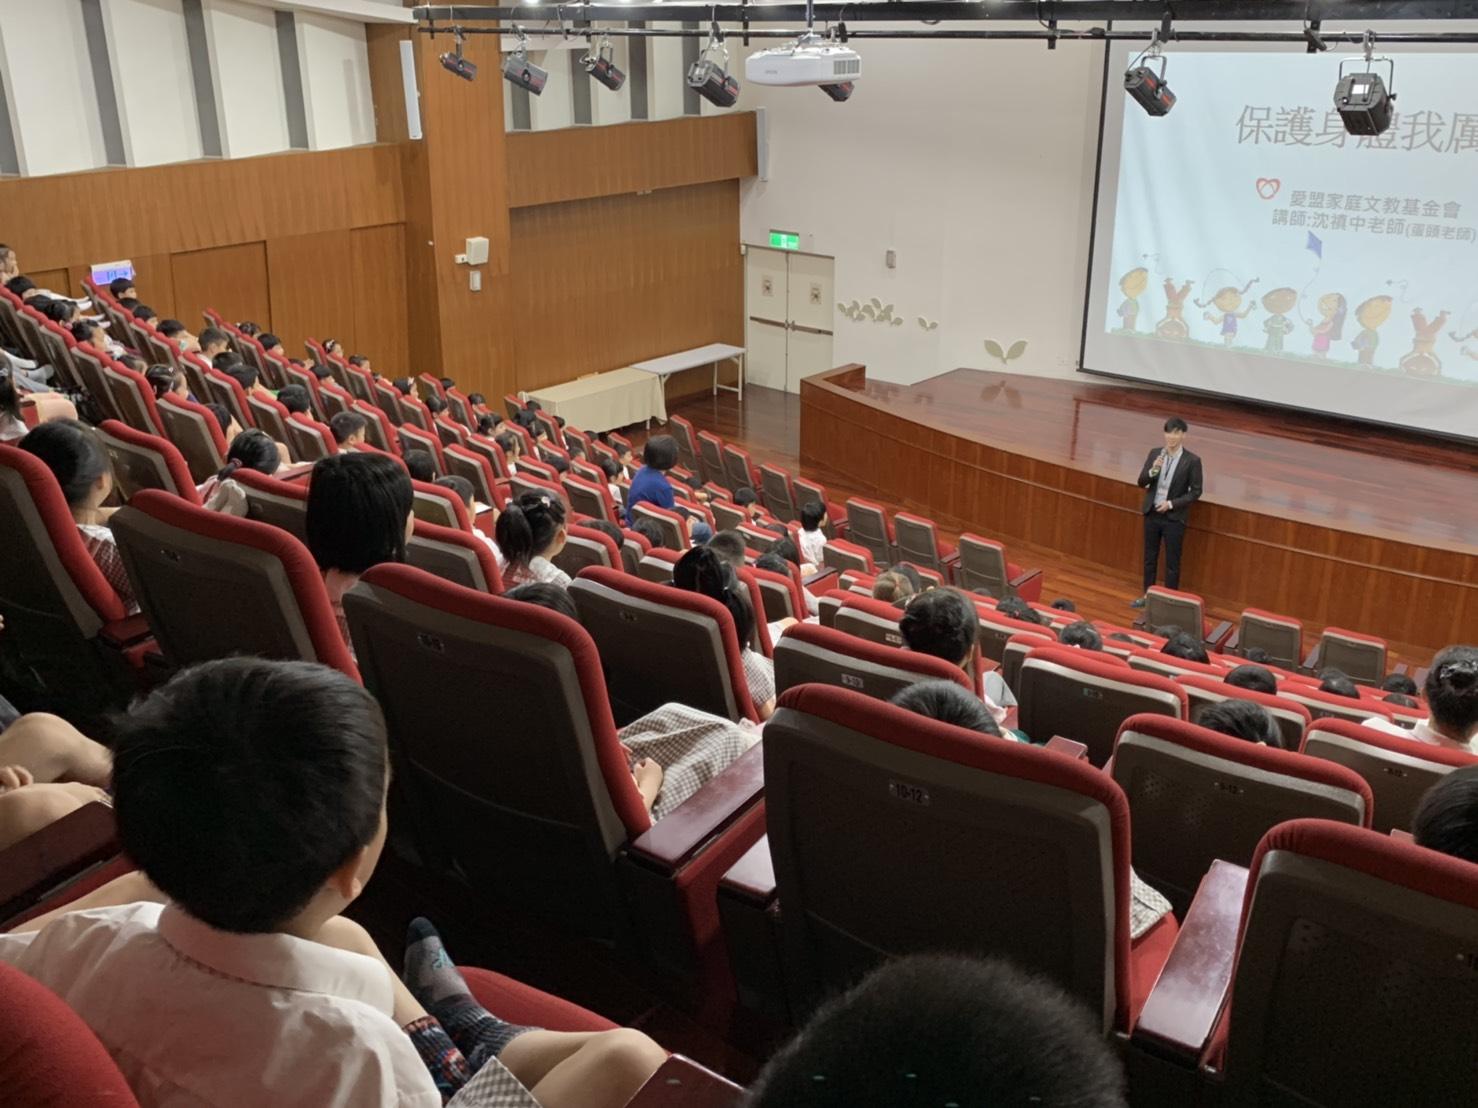 2019-04-29 新生國小一年級:身體界線